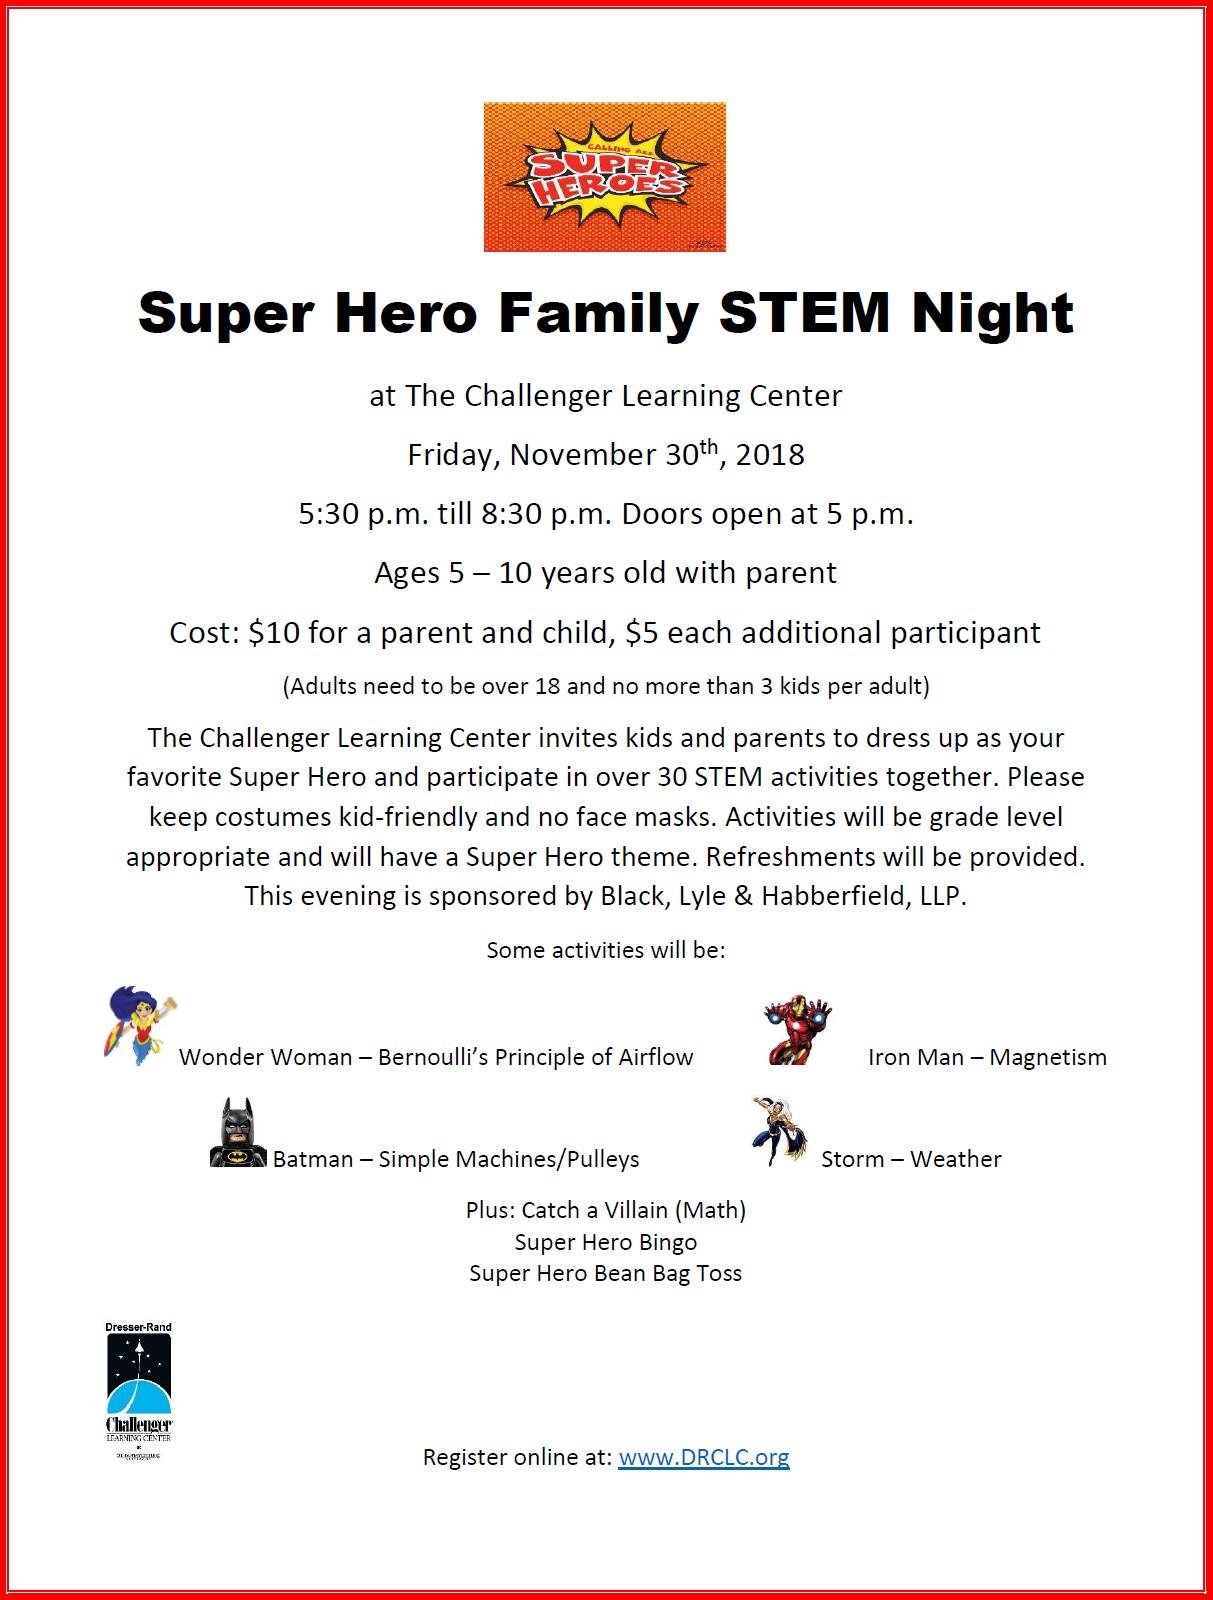 Super Hero Family STEM Night flyer.jpg